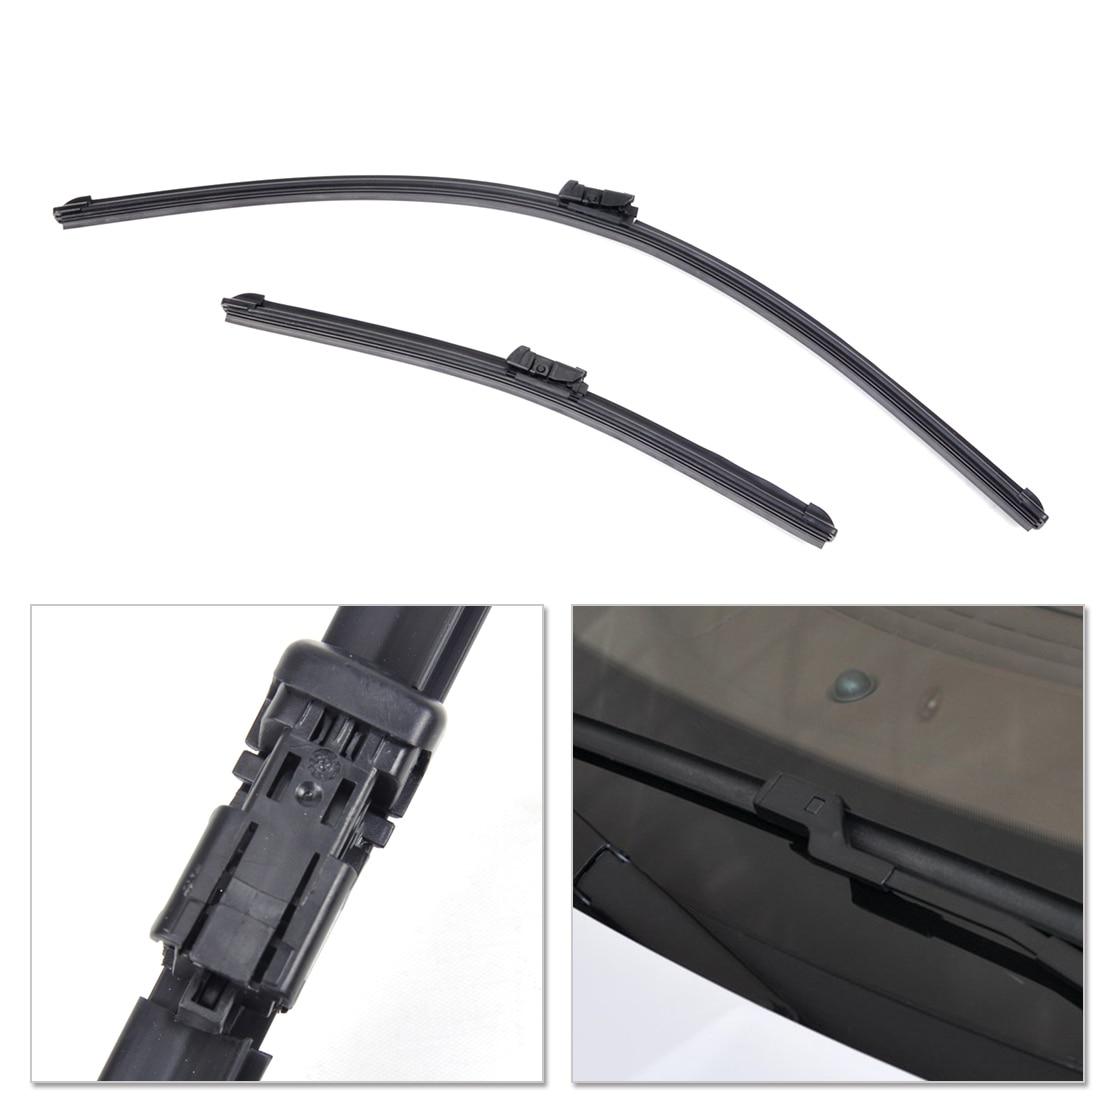 Citall 26 15 frameless bracketless rubber rain window windshield wiper blade for ford